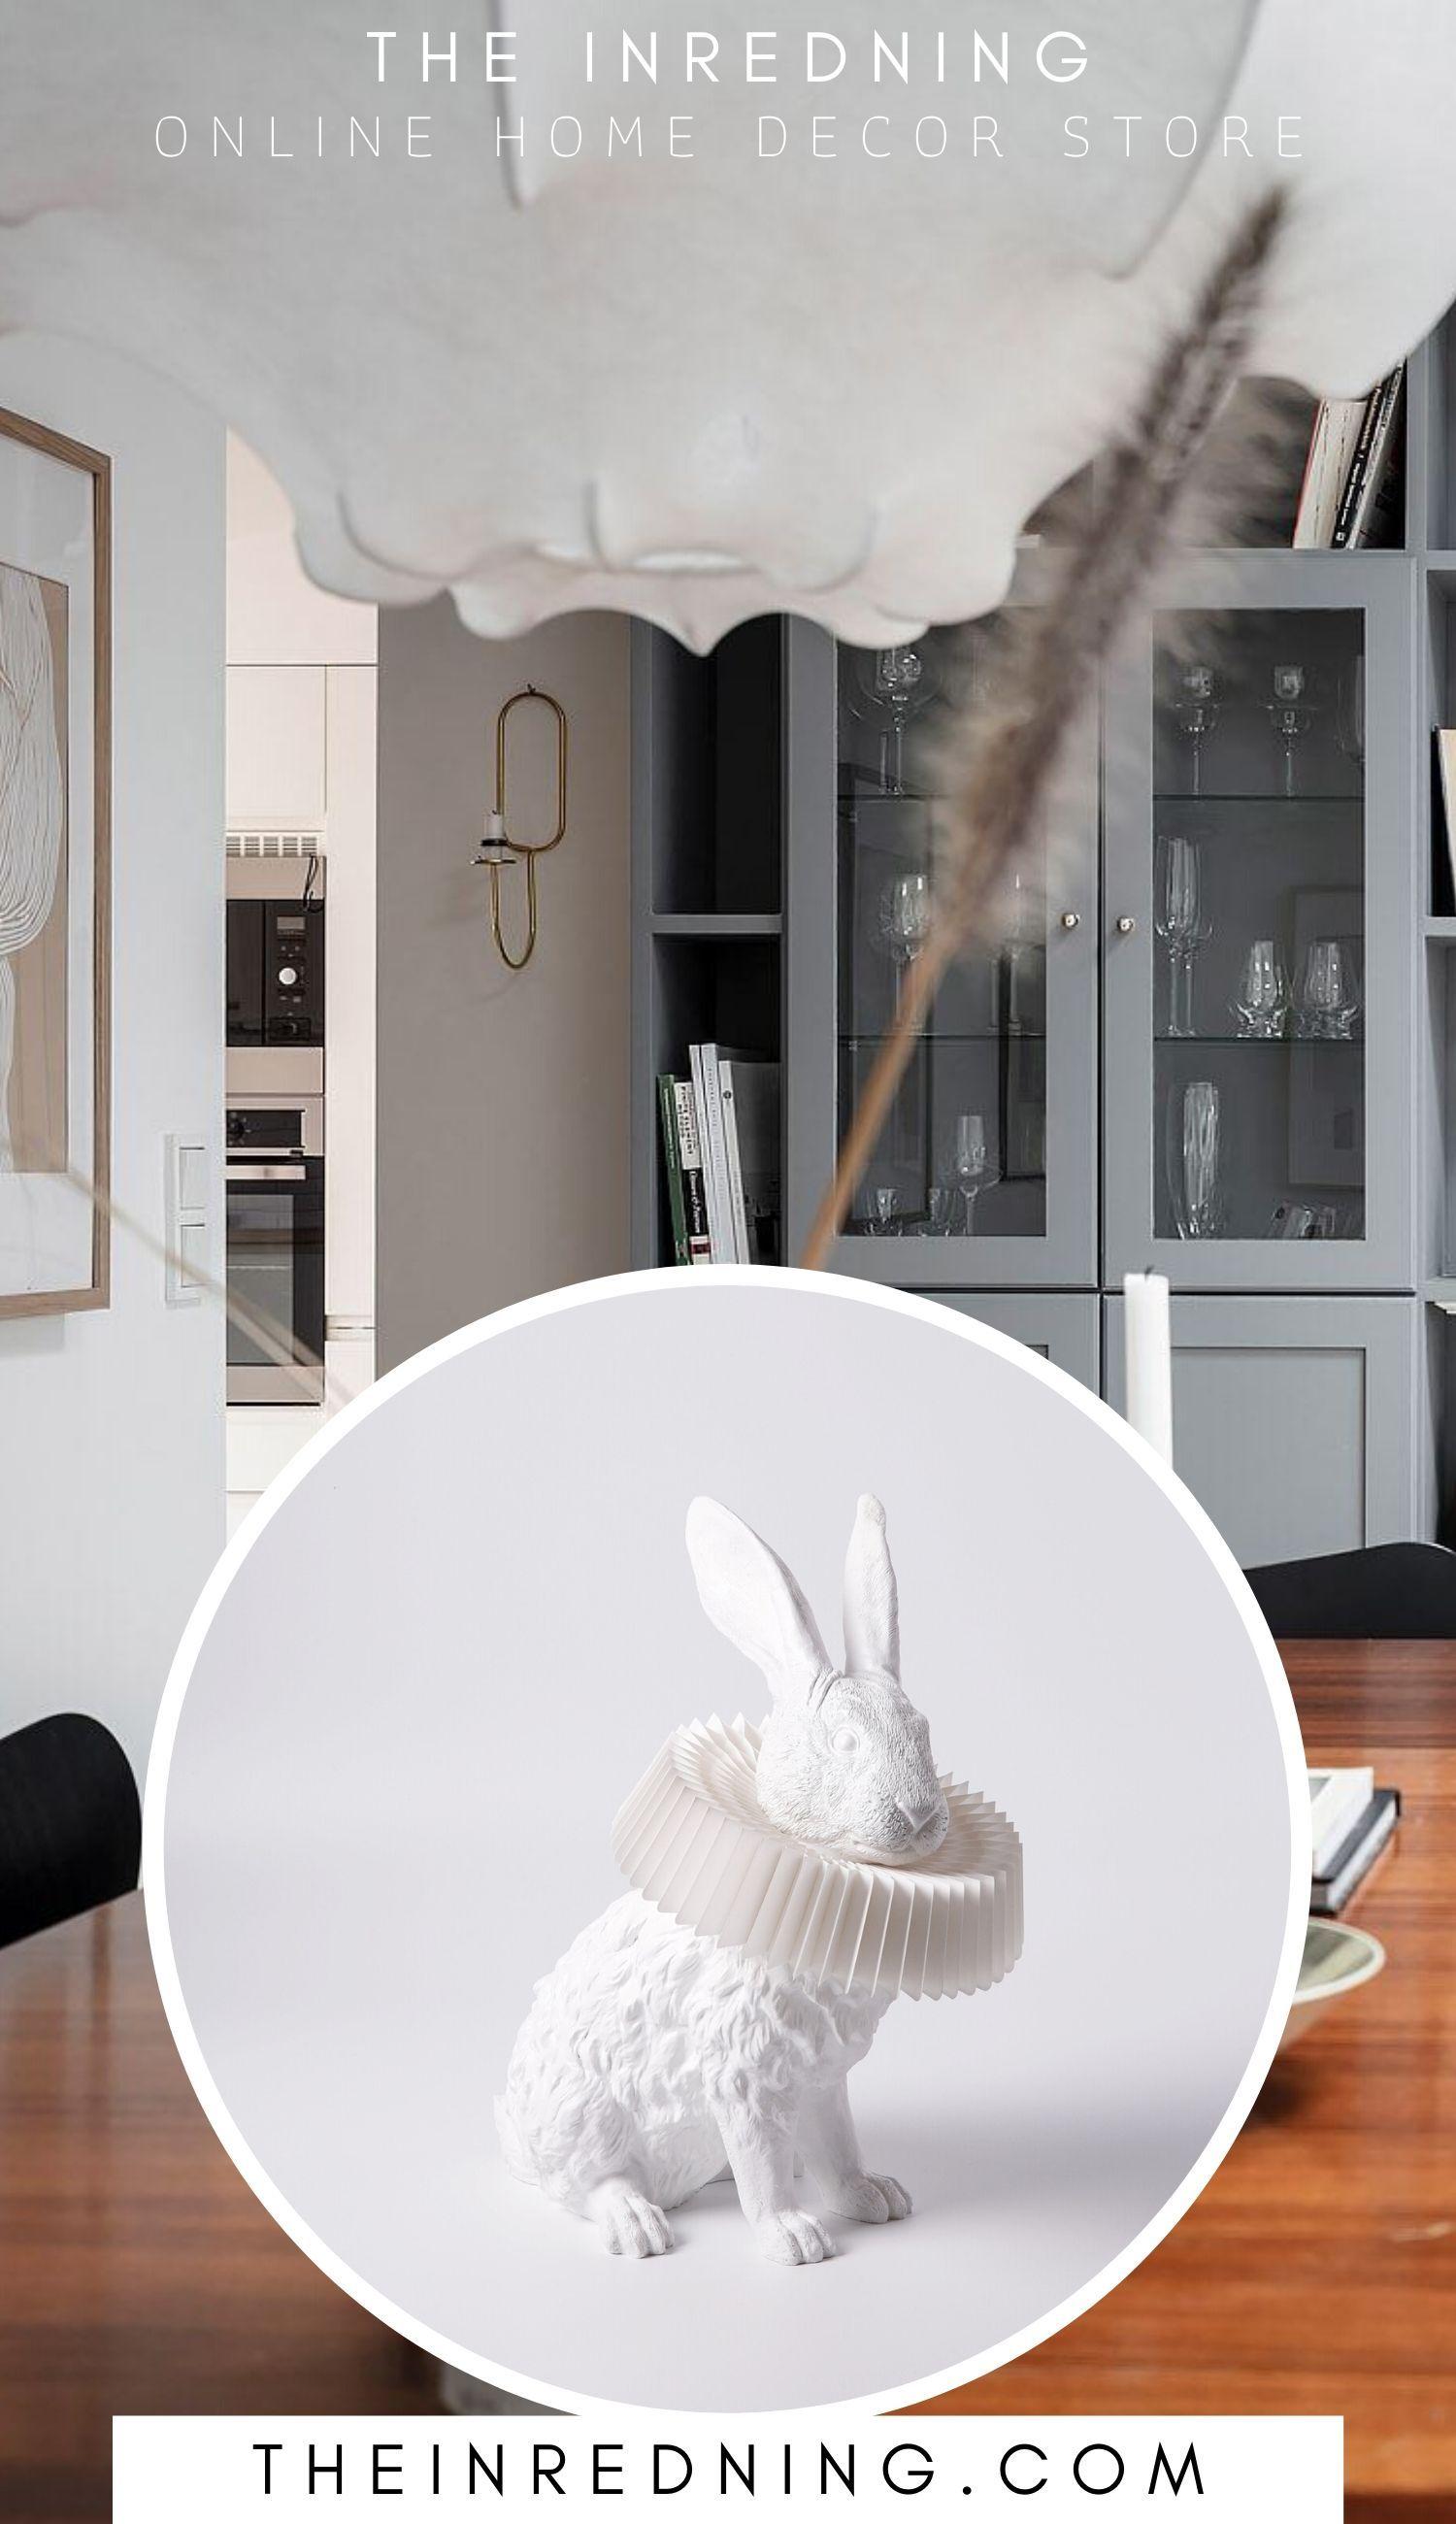 Hasenlampe Mit Deko Skulptur Fur Wohnzimmer Schlafzimmer Kinderzimmer In 2020 Deko Skulpturen Kinder Zimmer Wohnzimmer